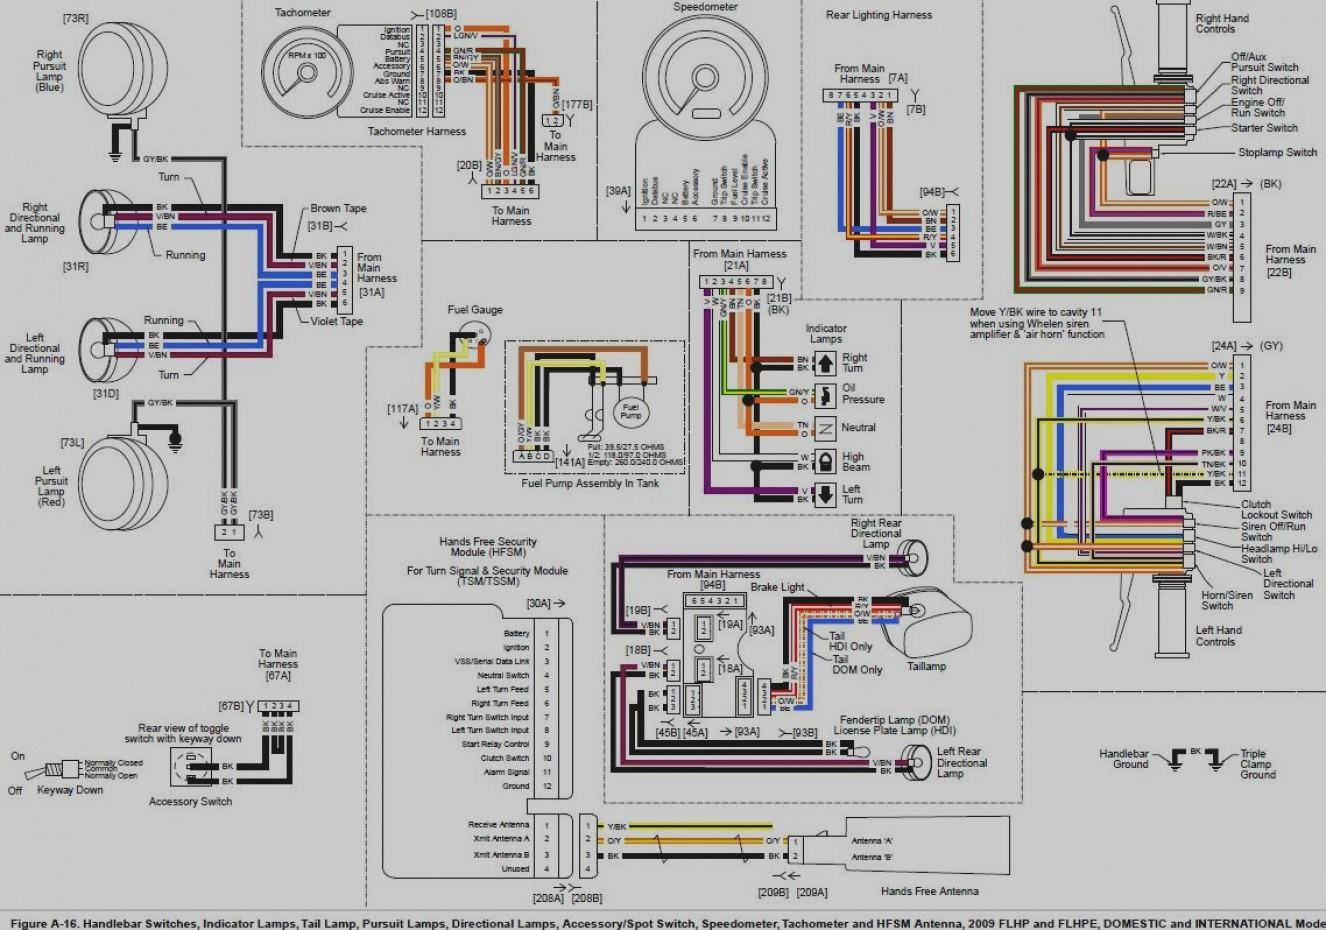 2005 Harley Sportster Wiring Diagram   Wiring Diagram on